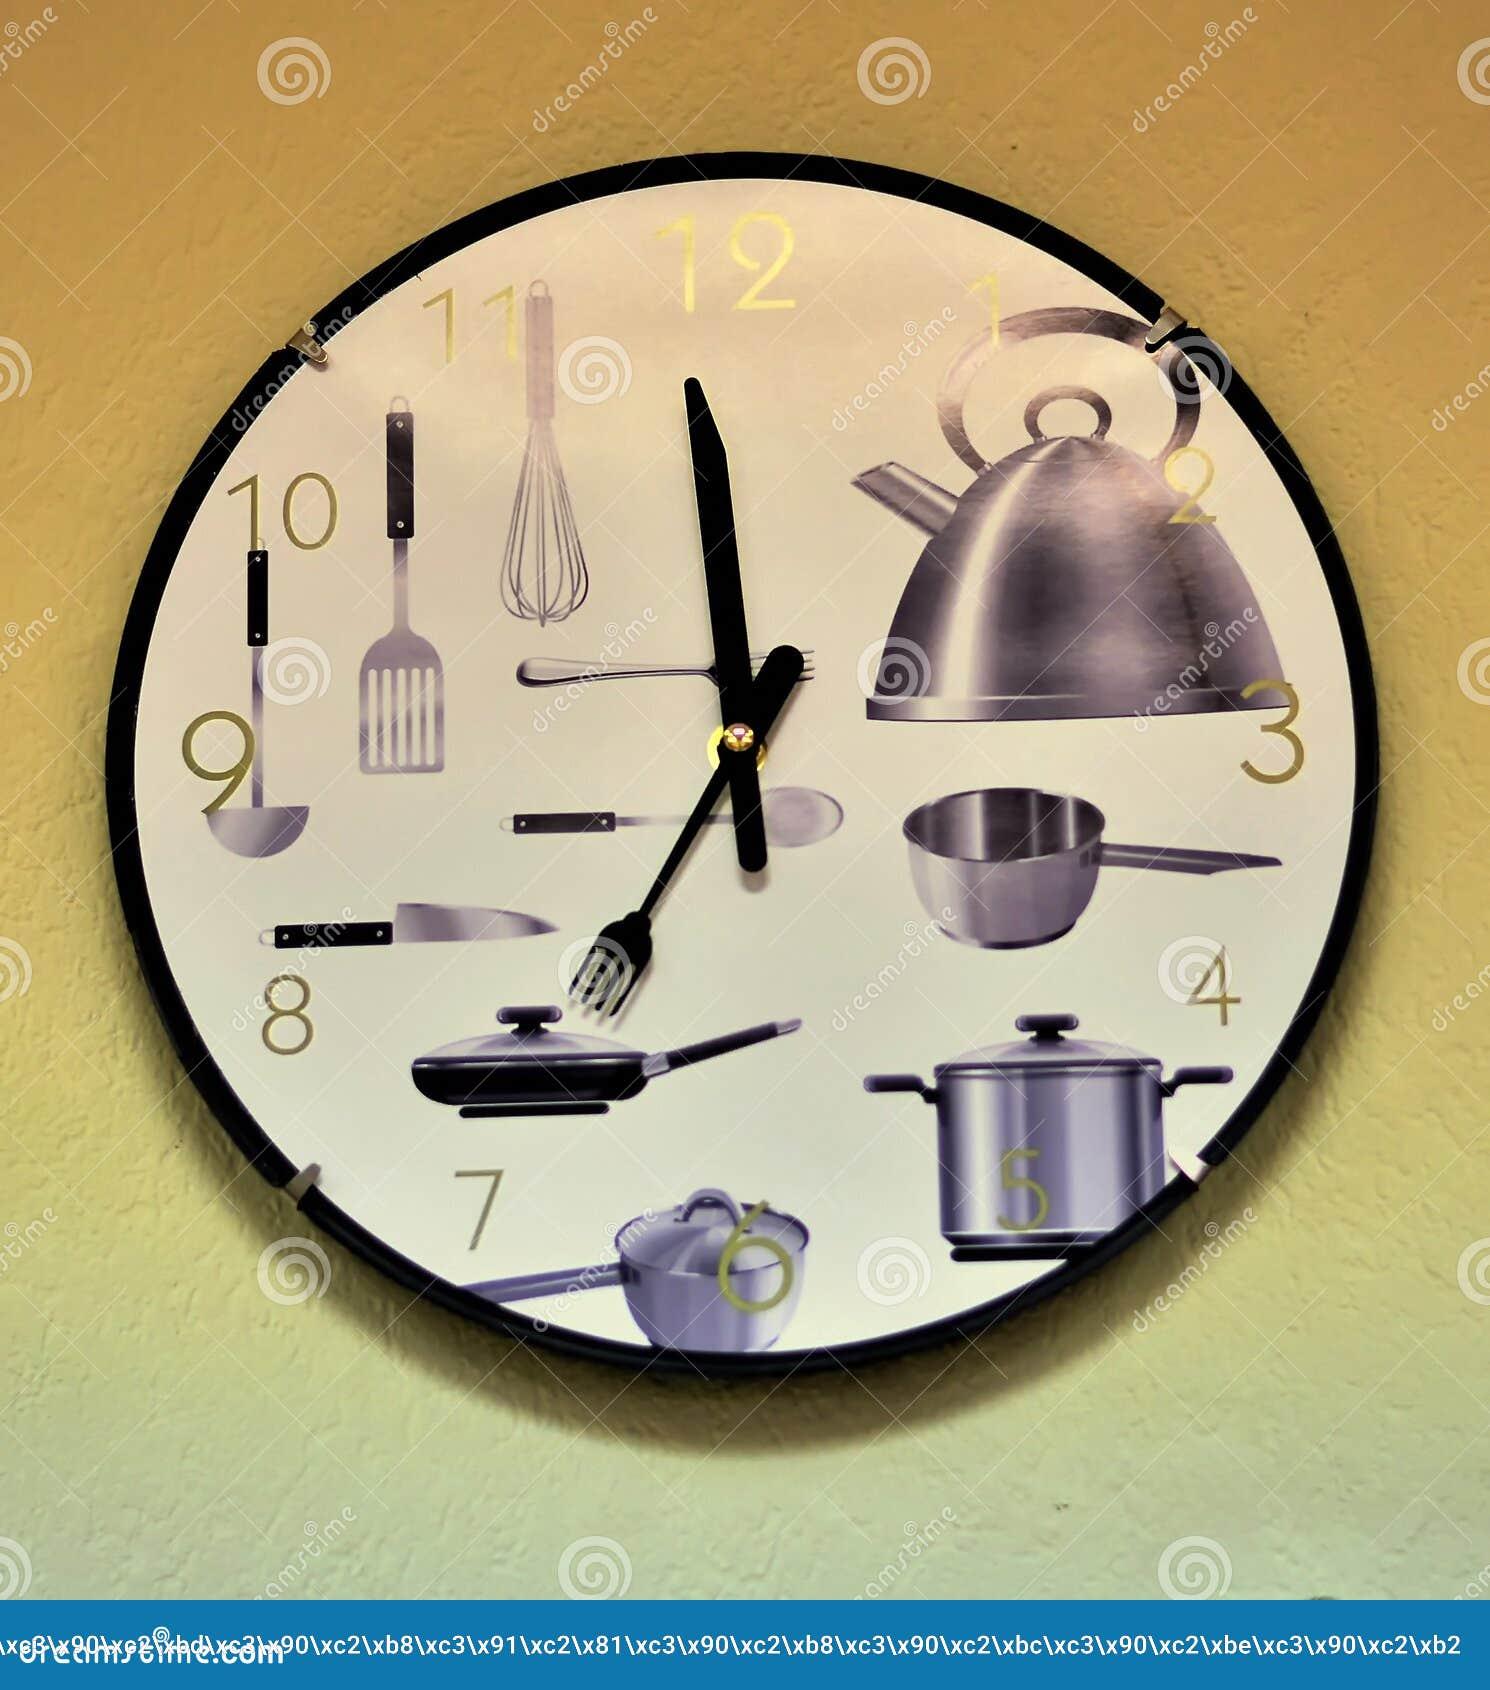 Reloj montado en la pared de la cocina